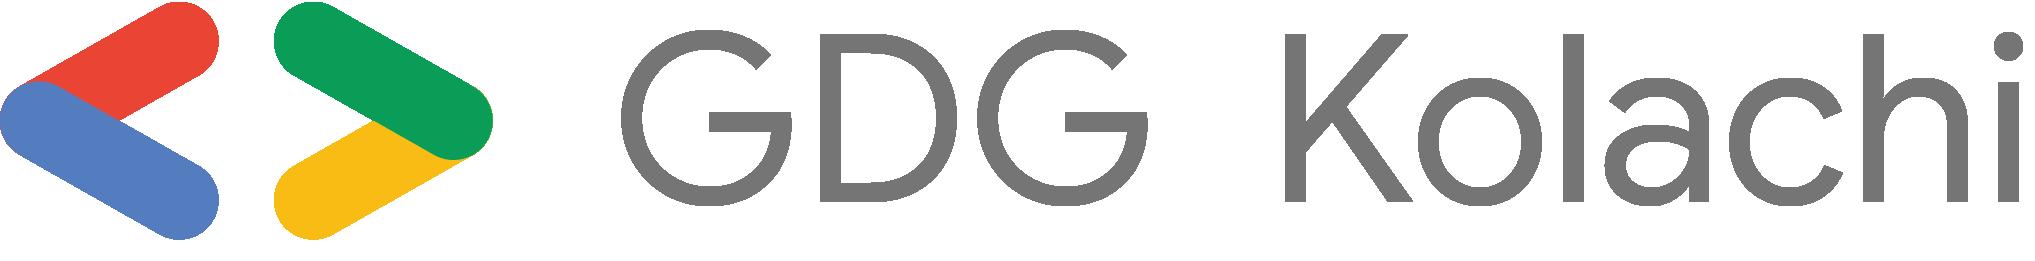 GDG Kolachi logo